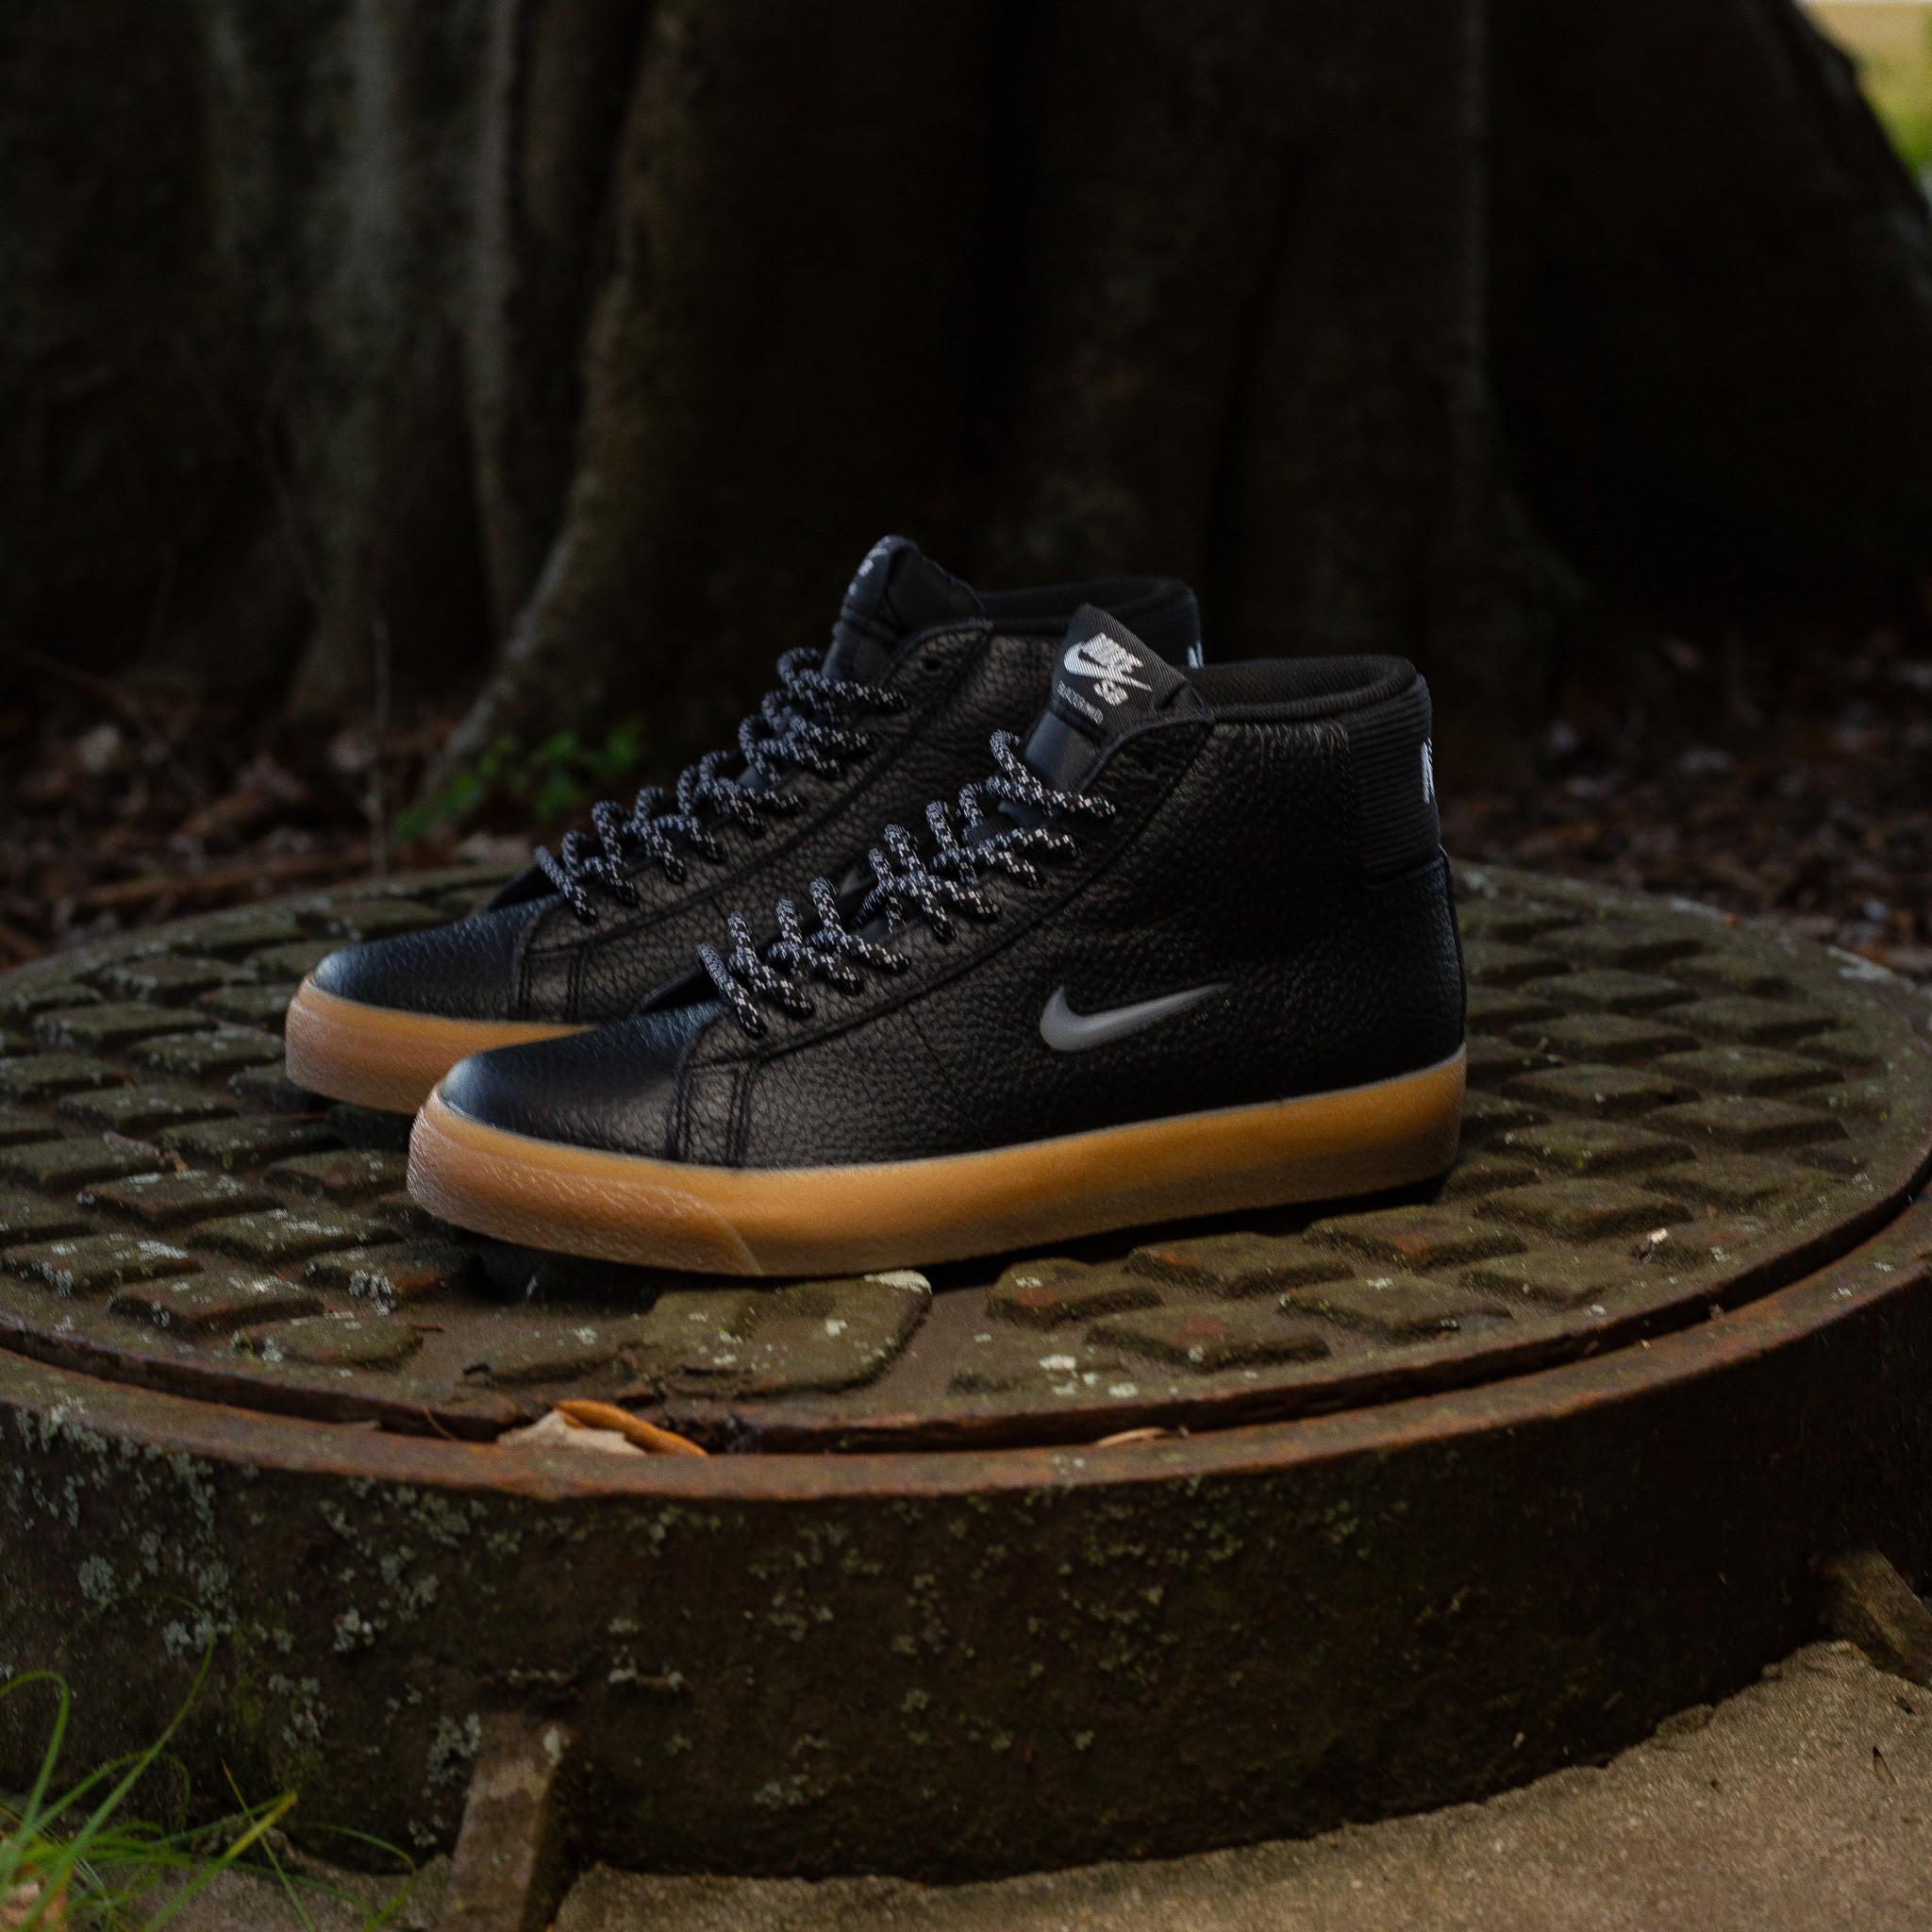 Nike SB Blazer Mid Jewel Swoosh black gum